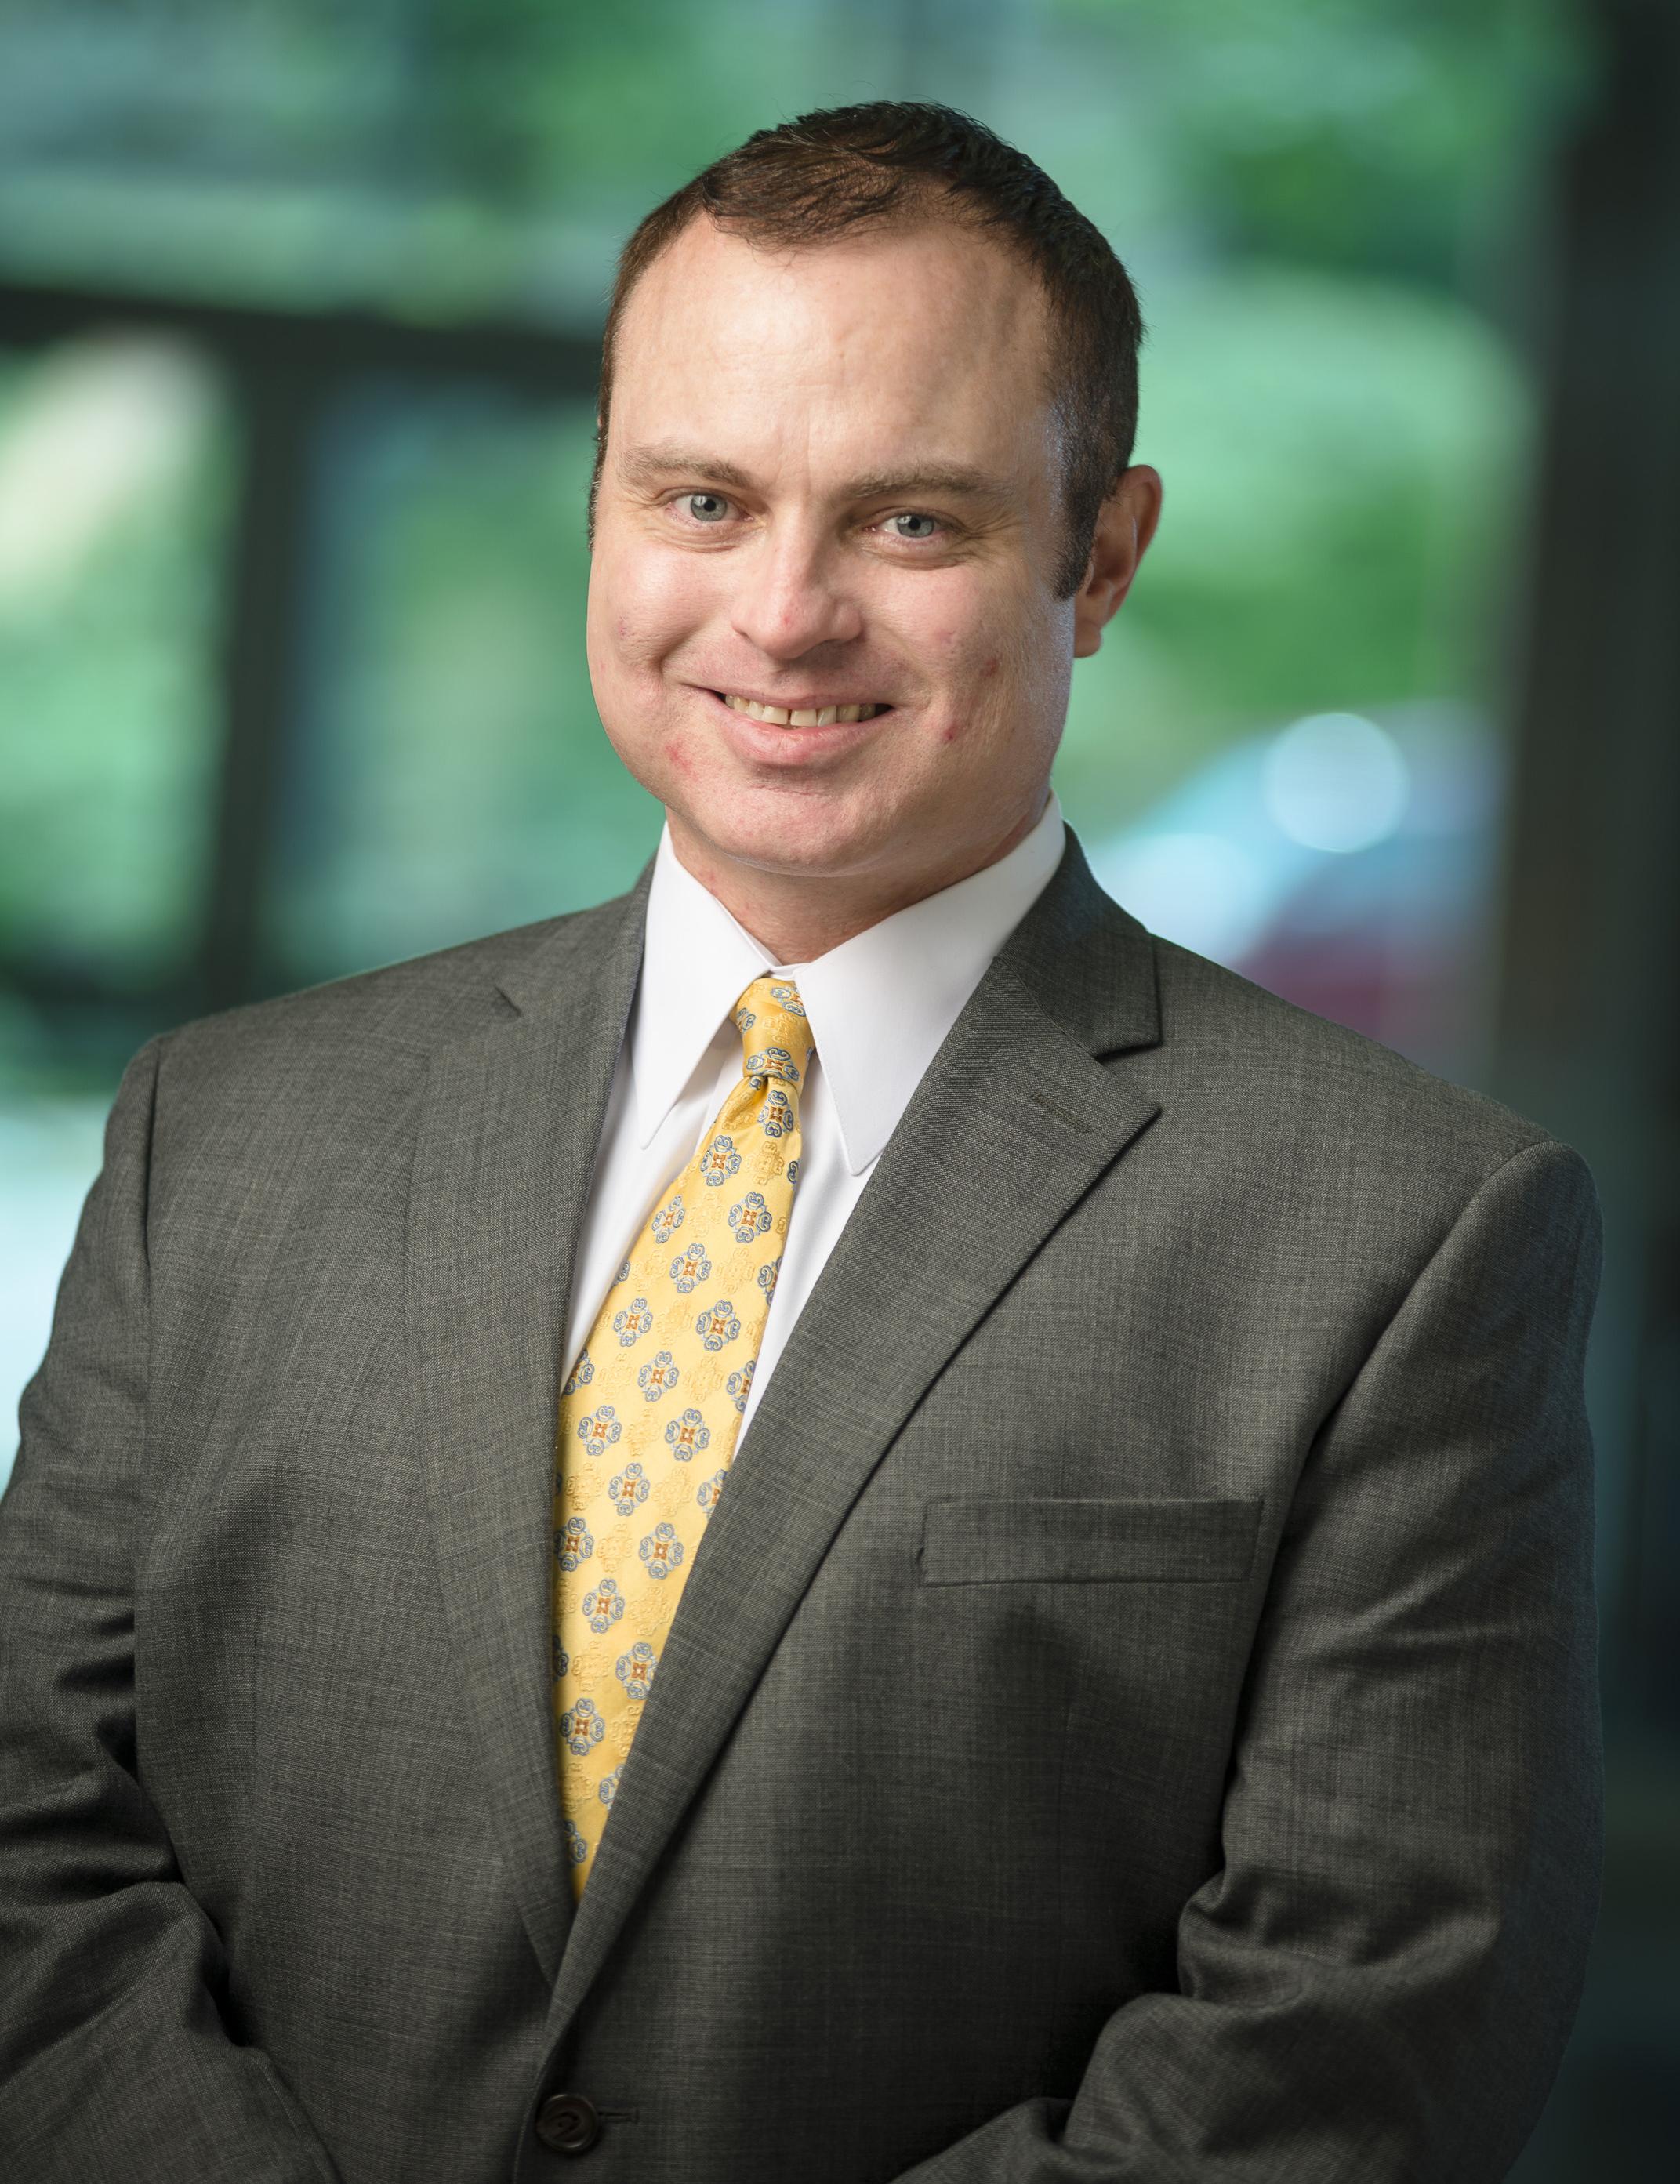 Patrick O'Reilly, Ph.D. (ABD)